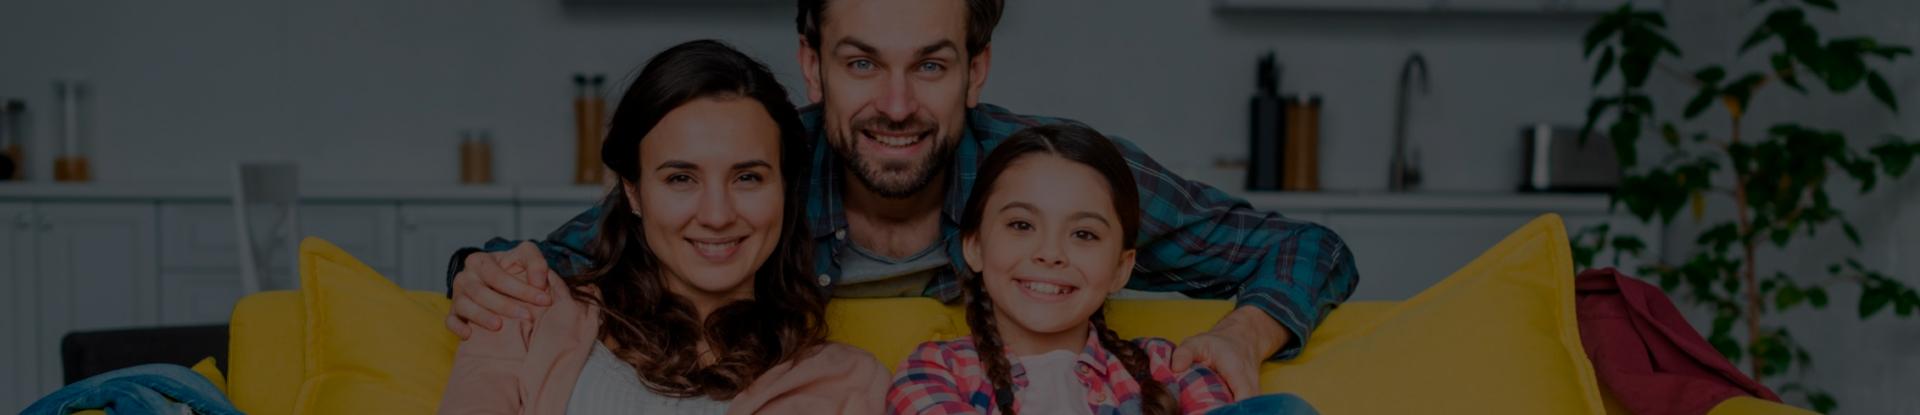 Безопаcность для вас и вашей семьи с выгодой